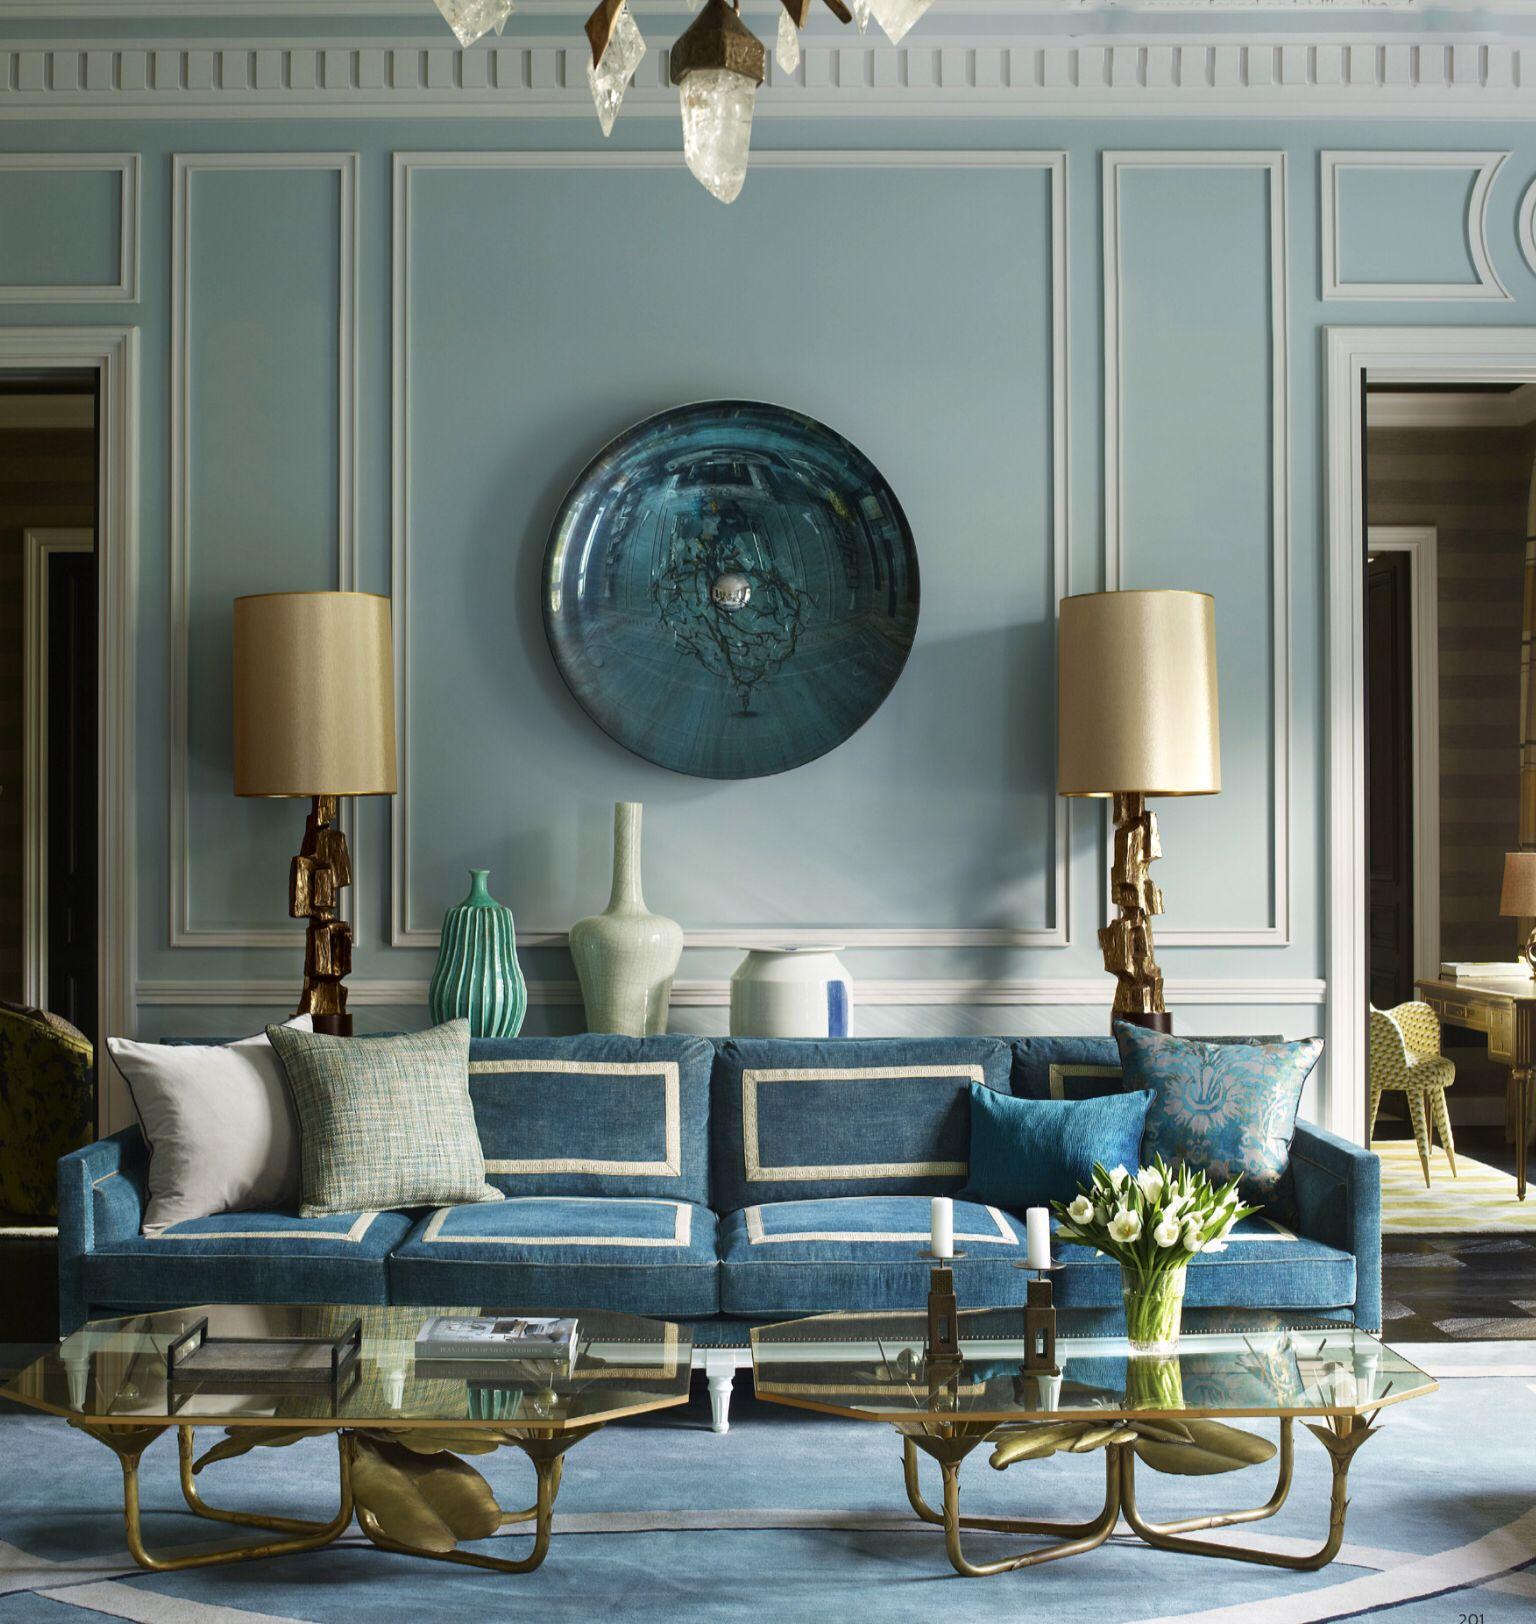 Pingl par mr bingley sur blue two pinterest salle de for Mobilier salle de repos